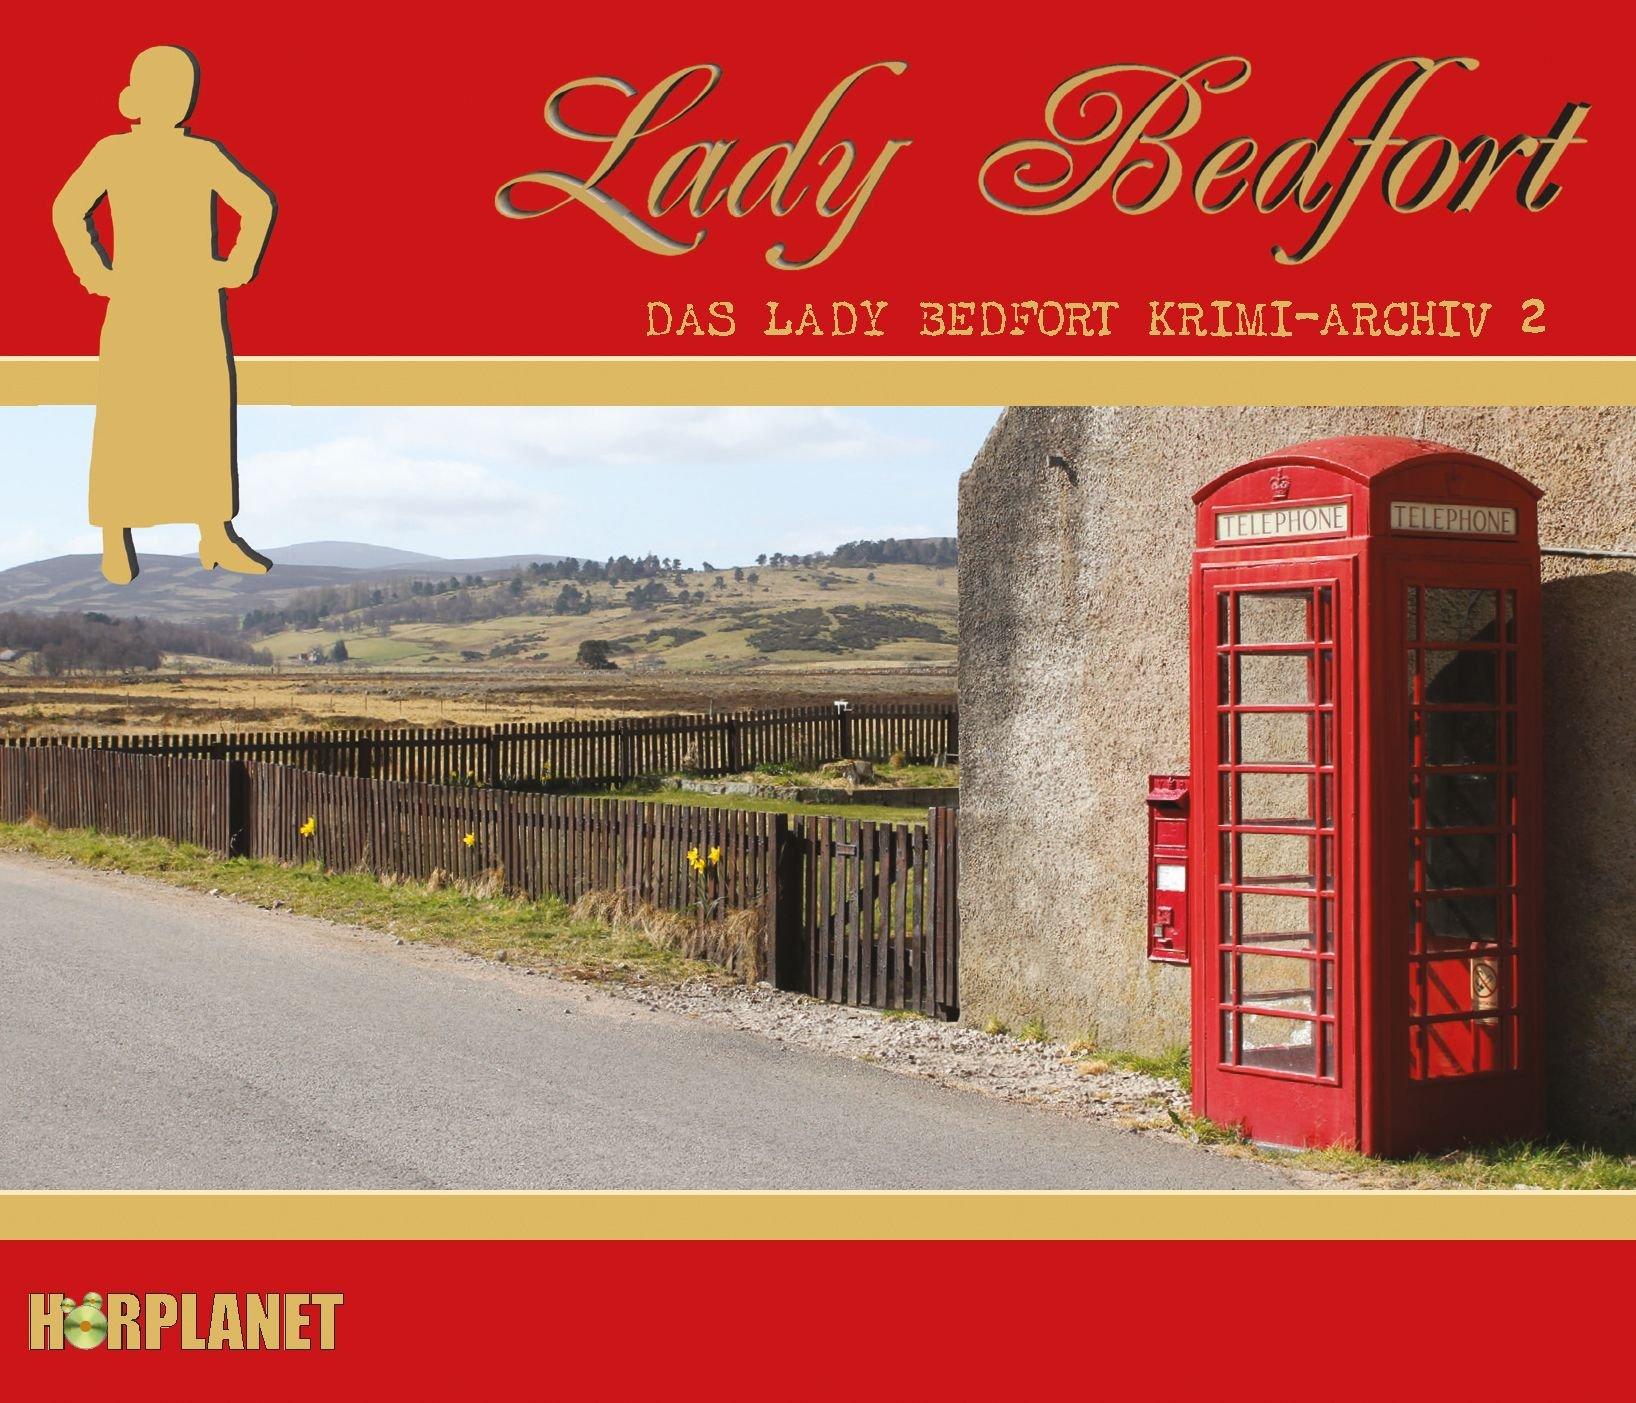 Lady Bedfort - Krimi-Archiv 2 (Hörplanet)